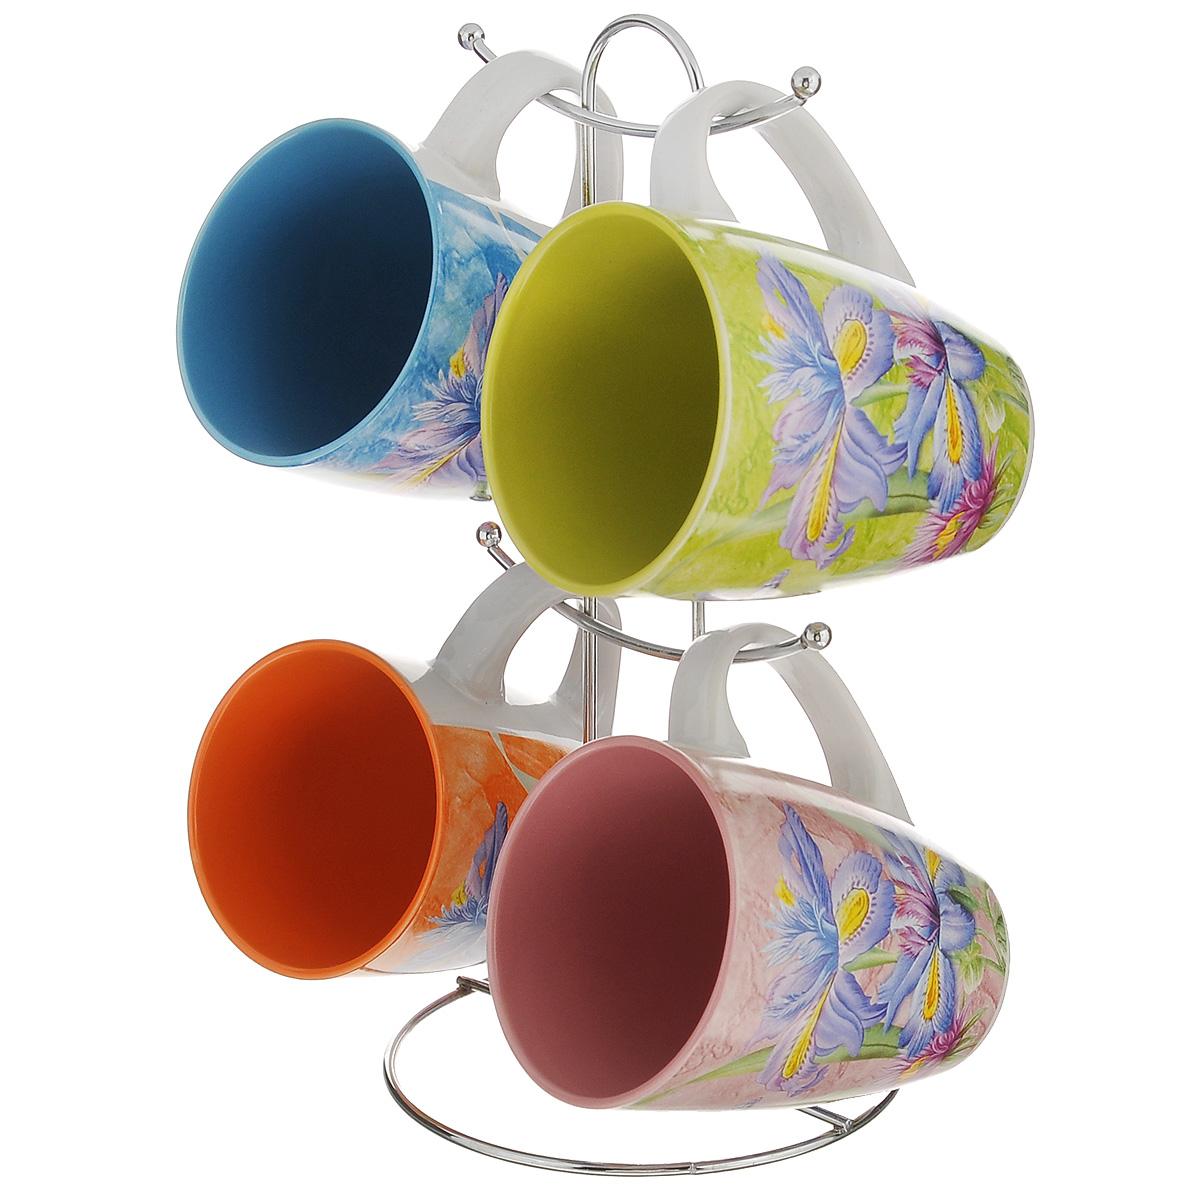 Набор кружек Korall Ирисы, на подставке, 5 предметов822726Набор Korall Ирисы состоит из 4 кружек, изготовленных из высококачественной керамики. Изделия оформлены ярким и красочным изображением ирисов. Все кружки разноцветные. Для кружек предусмотрена специальная металлическая подставка с крючками. Яркий дизайн кружек украсит сервировку стола к чаепитию и поднимет настроение. Идеальный вариант подарка, который понравится каждому. Объем кружки: 320 мл. Диаметр кружки (по верхнему краю): 8 см. Высота кружки: 10 см. Размер подставки: 13 см х 13 см х 26 см.